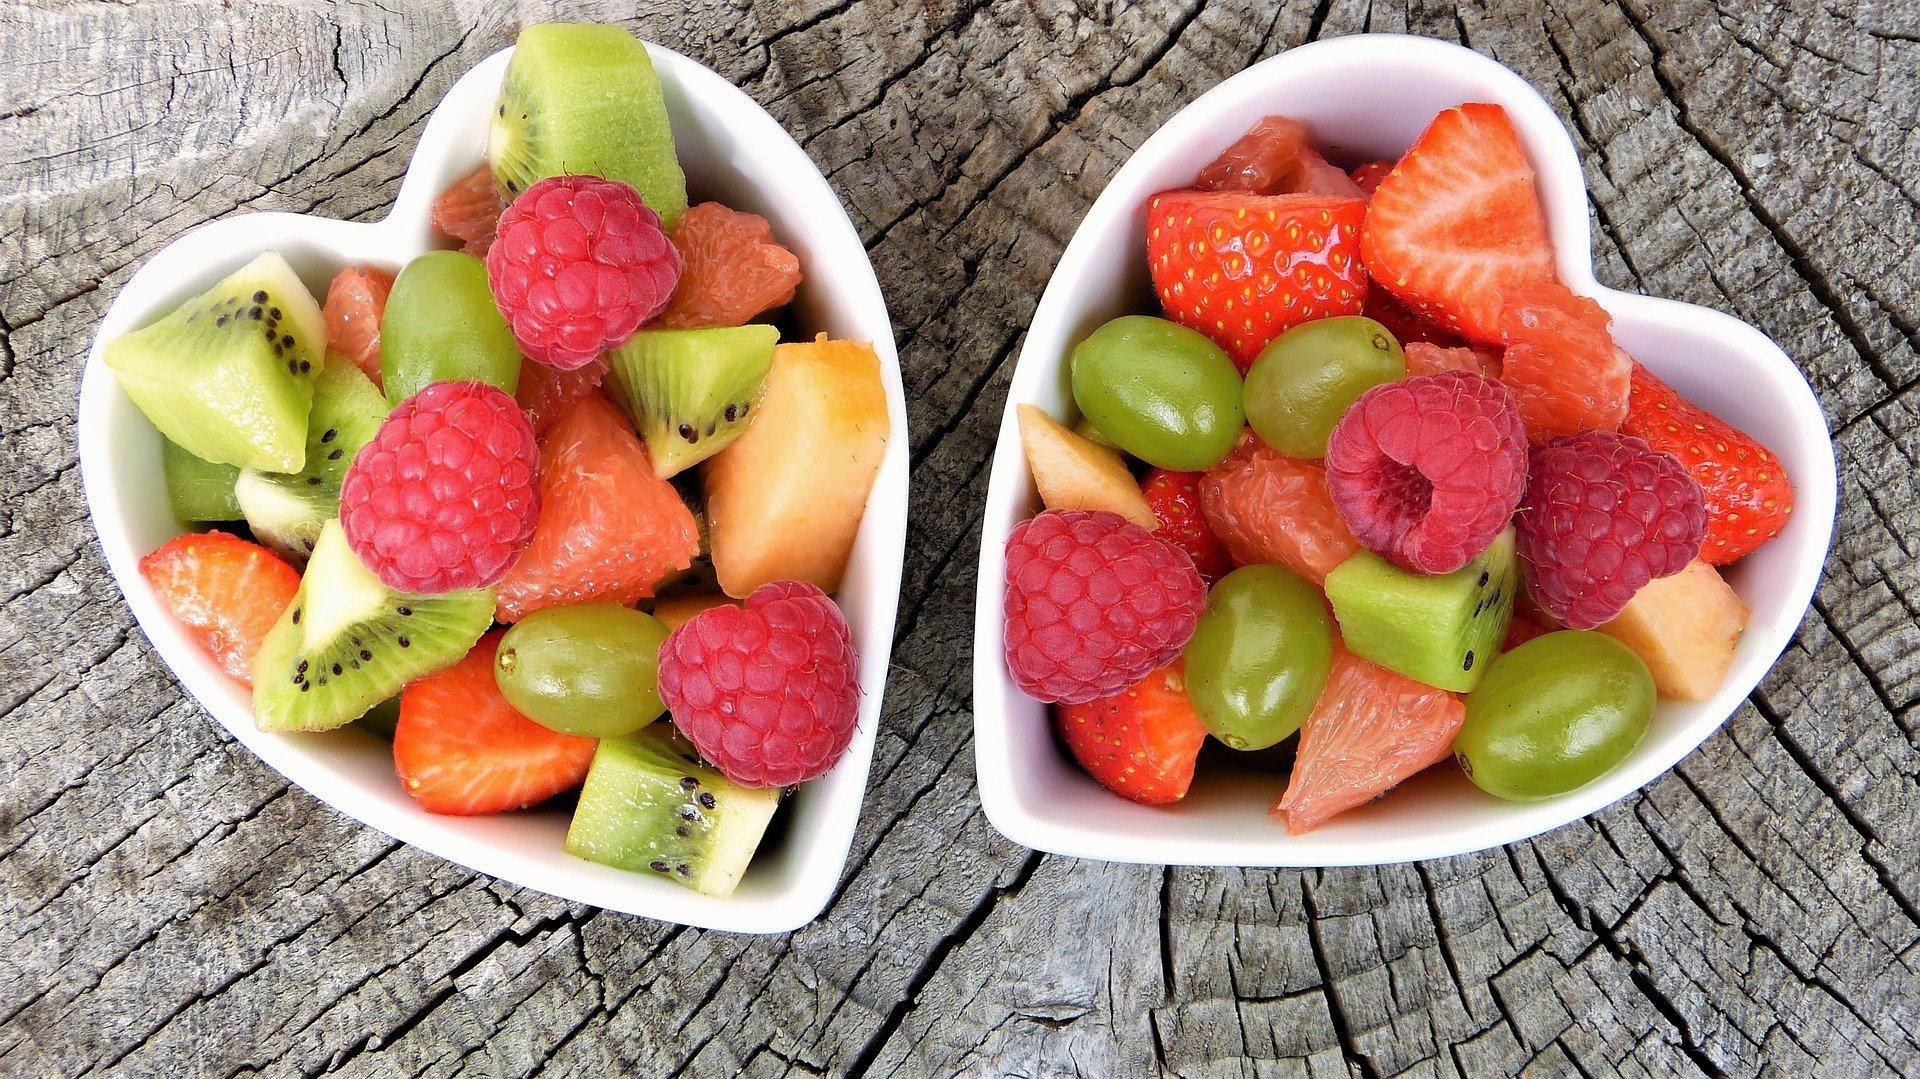 Alimentação saudável é aliada na recuperação da covid-19